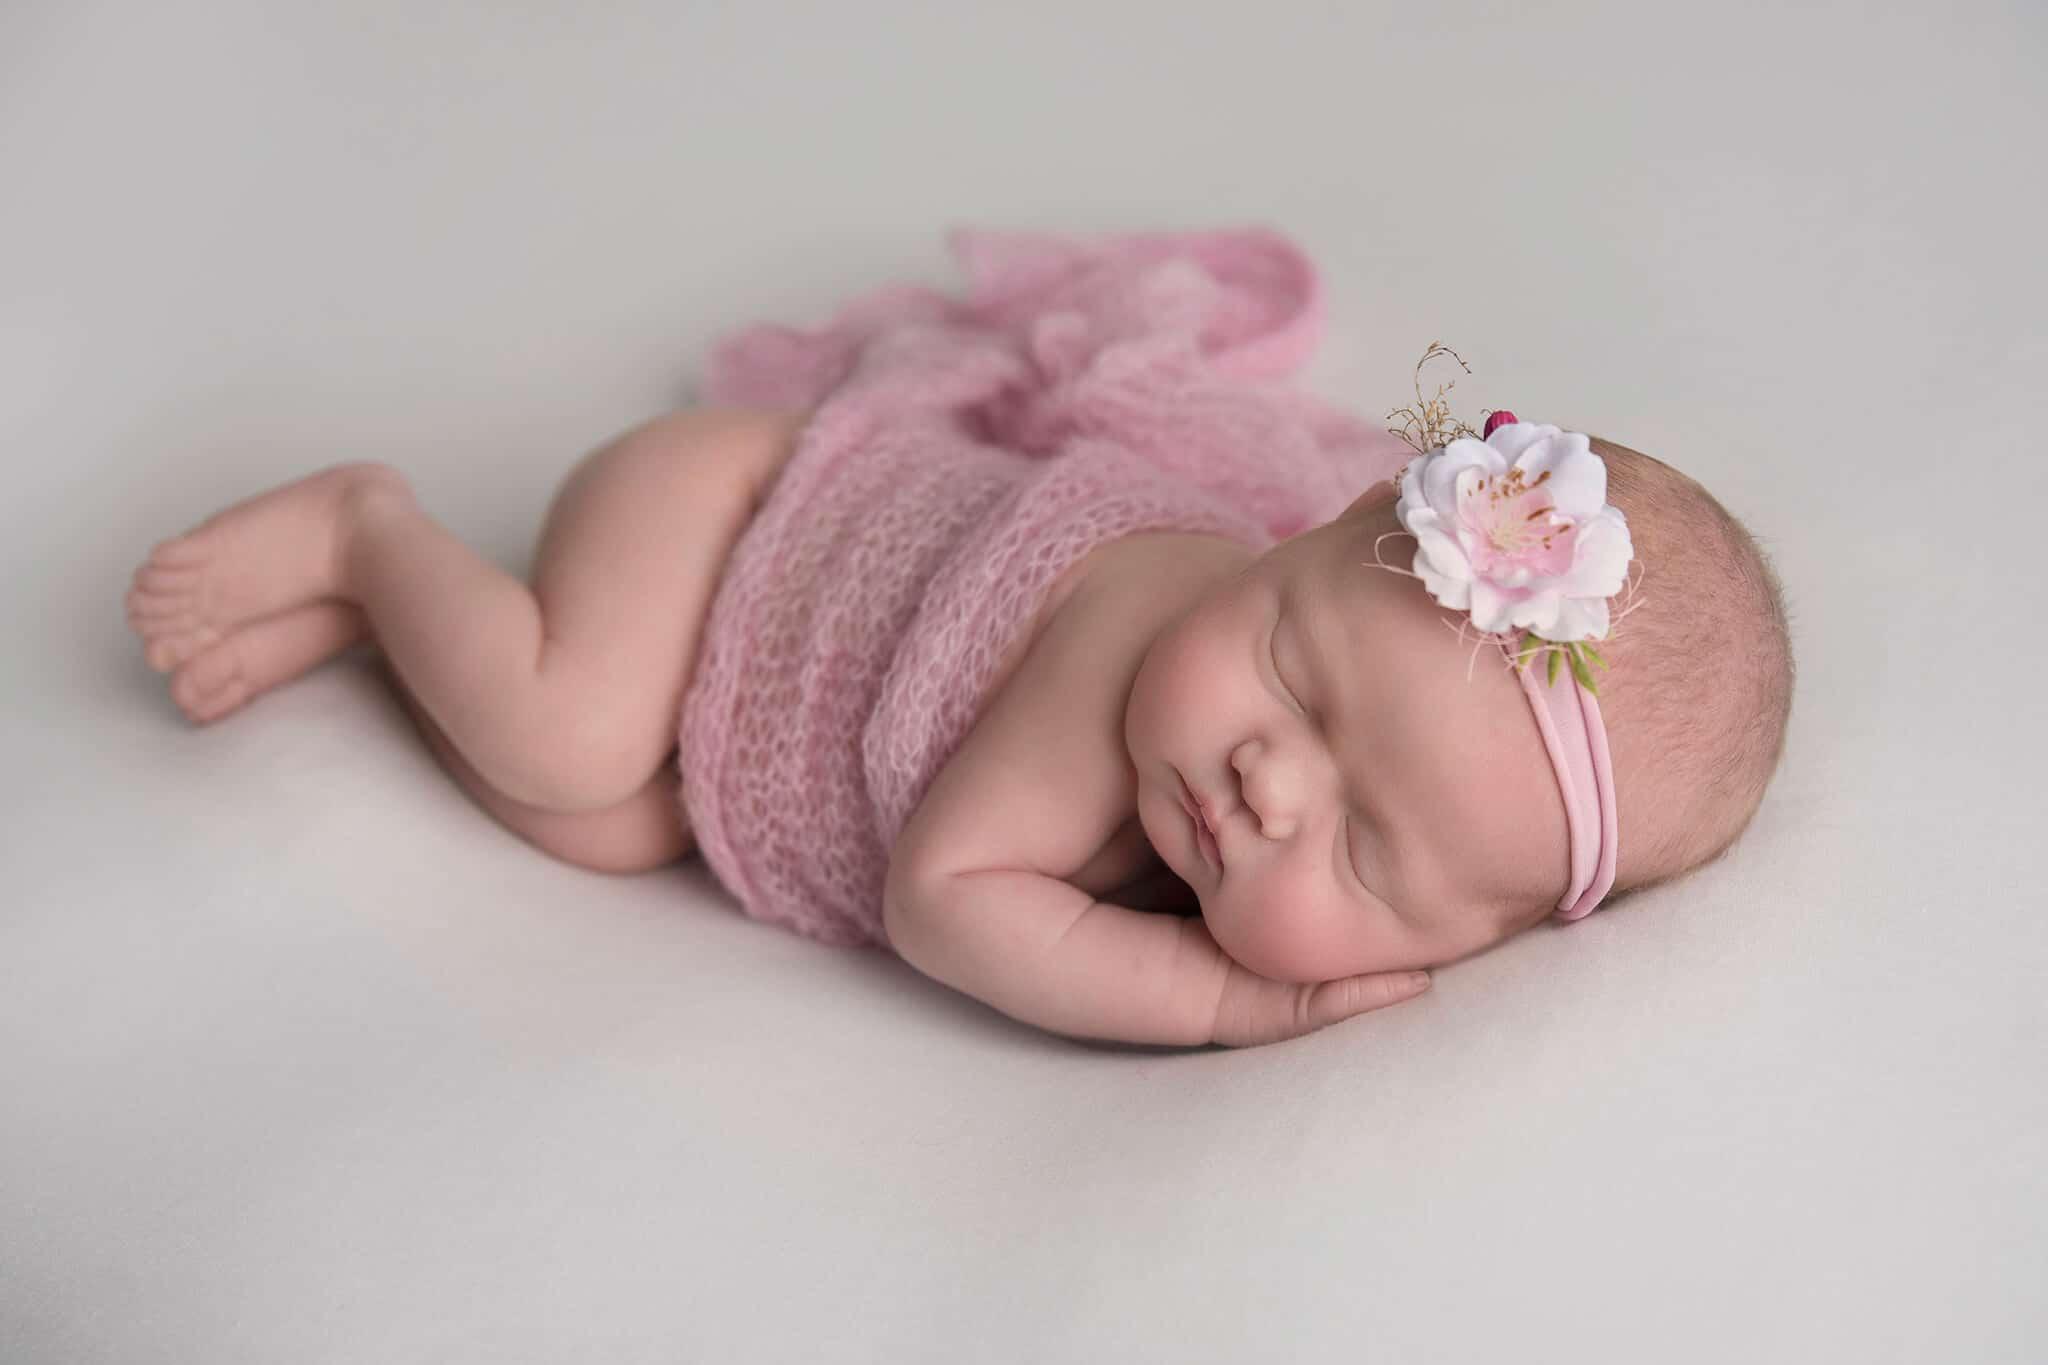 sleeping newborn baby girl on white blanket by Newborn Photographer Cheshire